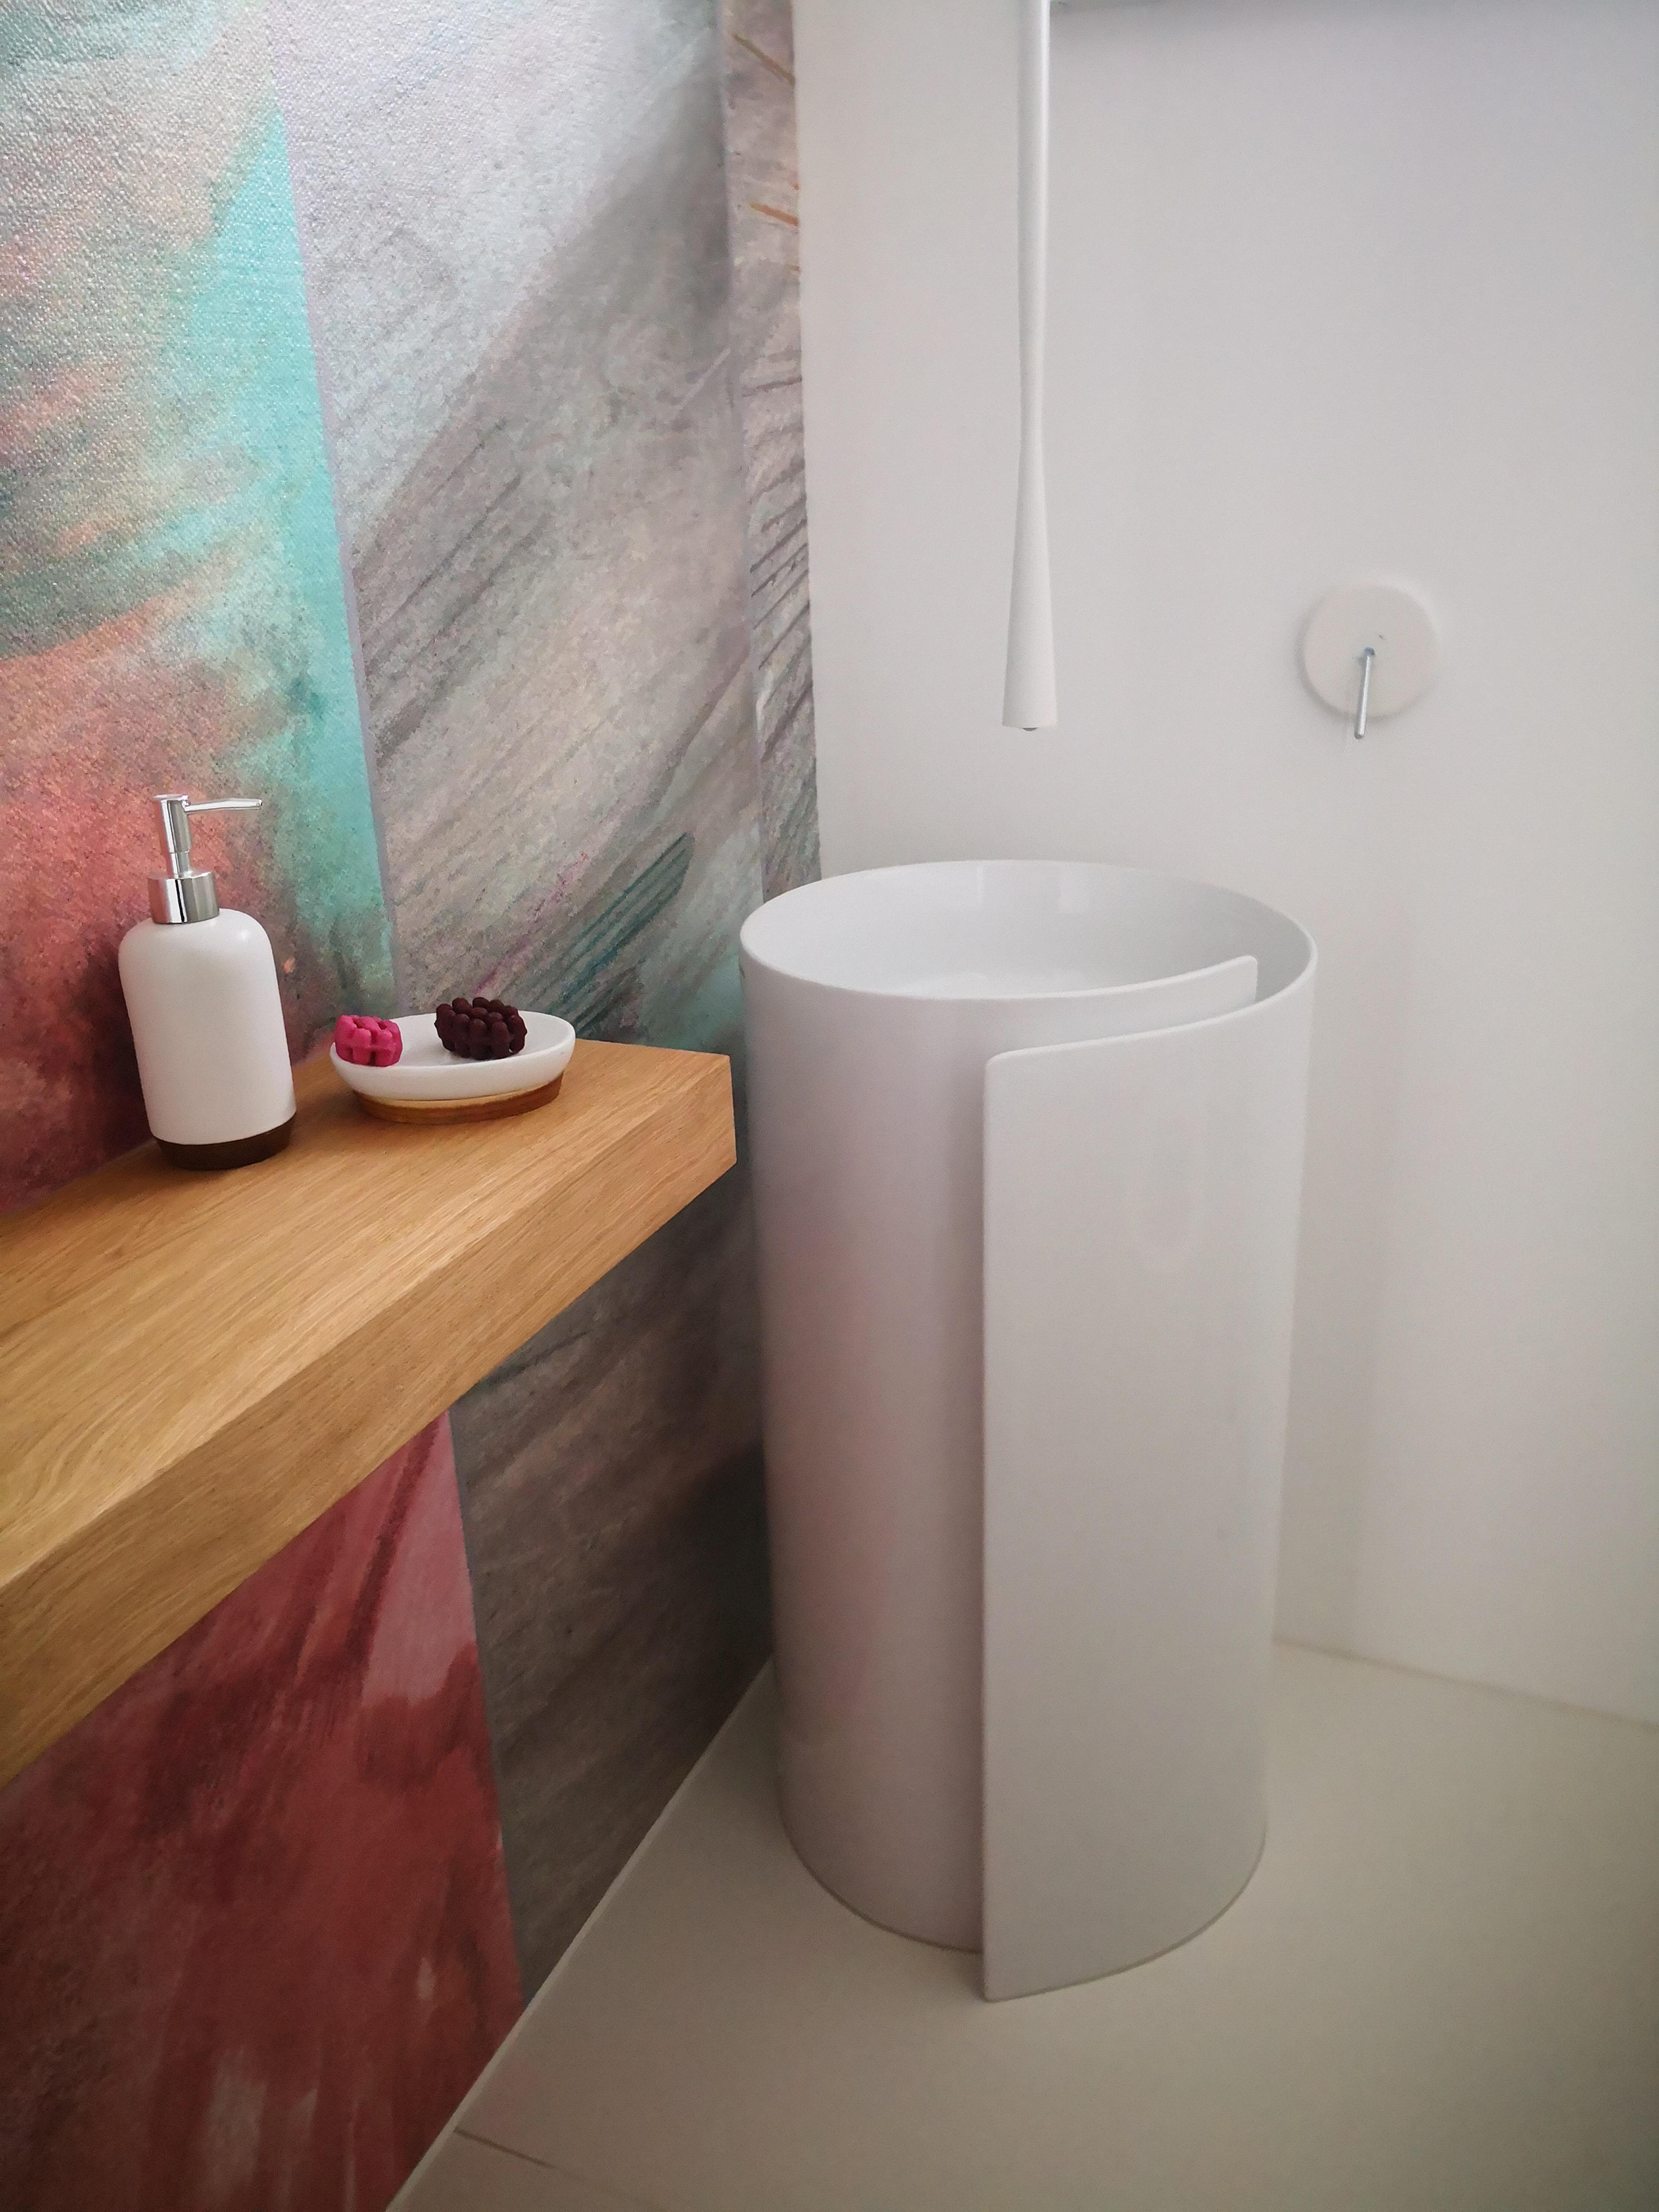 masivno pohištvo v kopalnici, lesena oljena polica